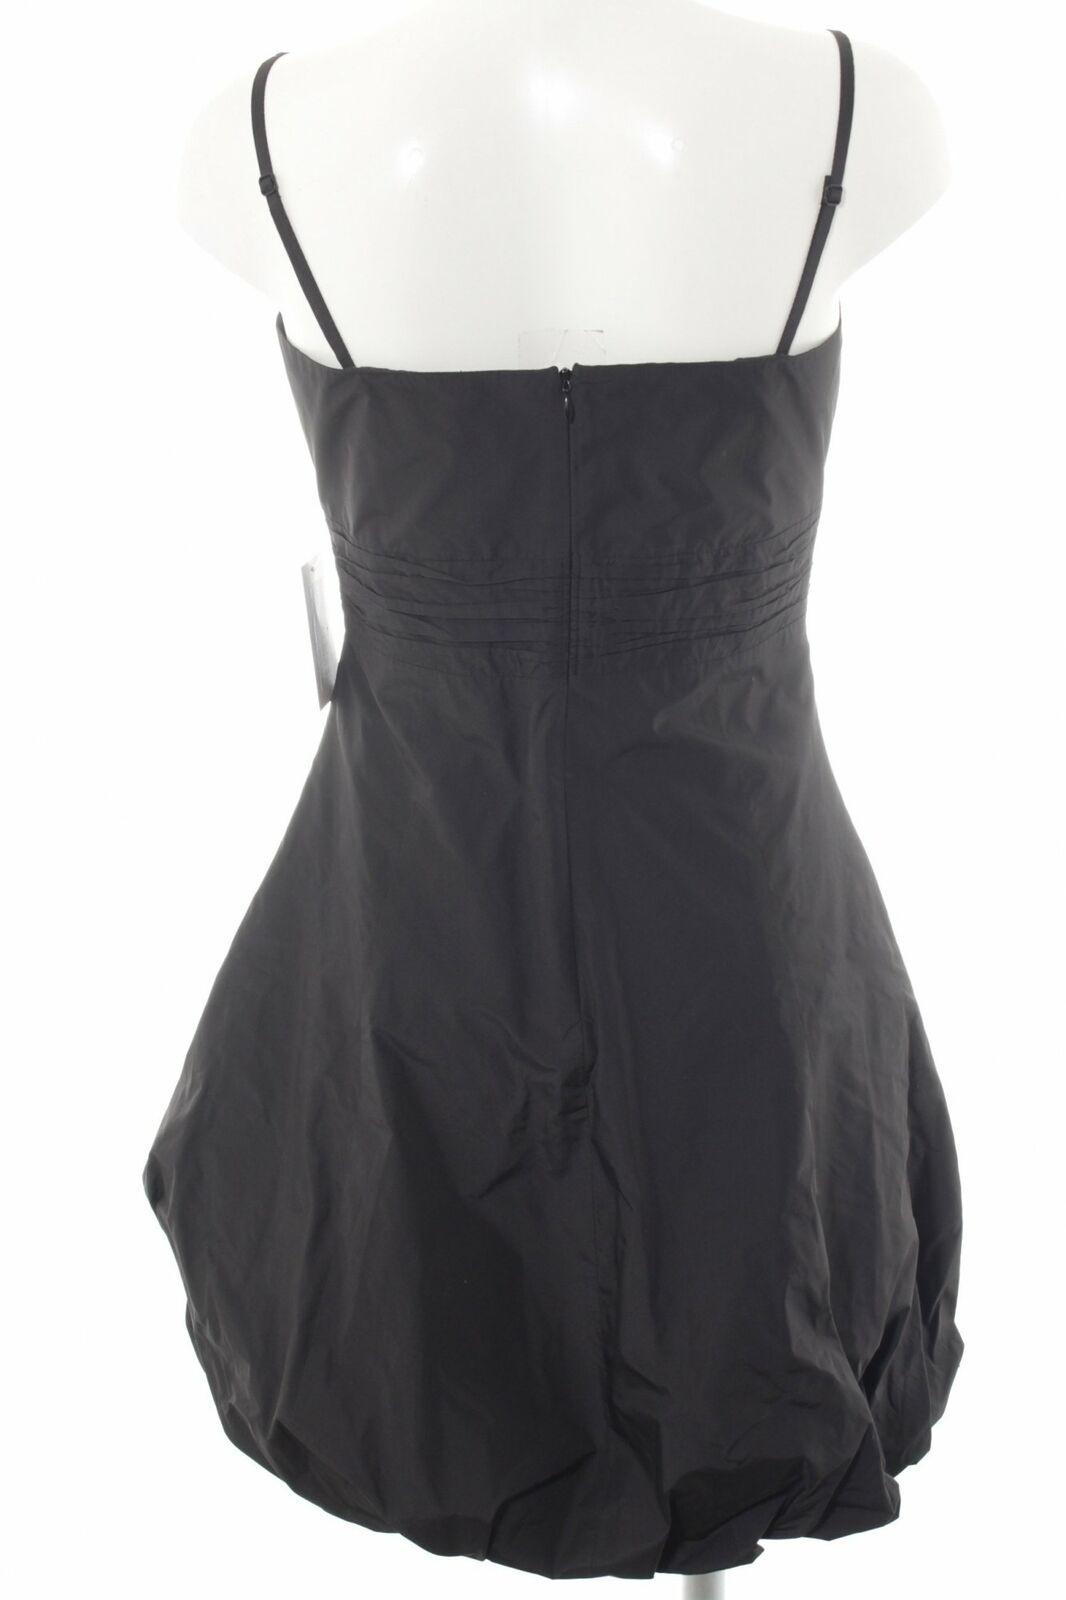 Formal Erstaunlich Elegante Damen Kleider Wadenlang StylishFormal Ausgezeichnet Elegante Damen Kleider Wadenlang Bester Preis